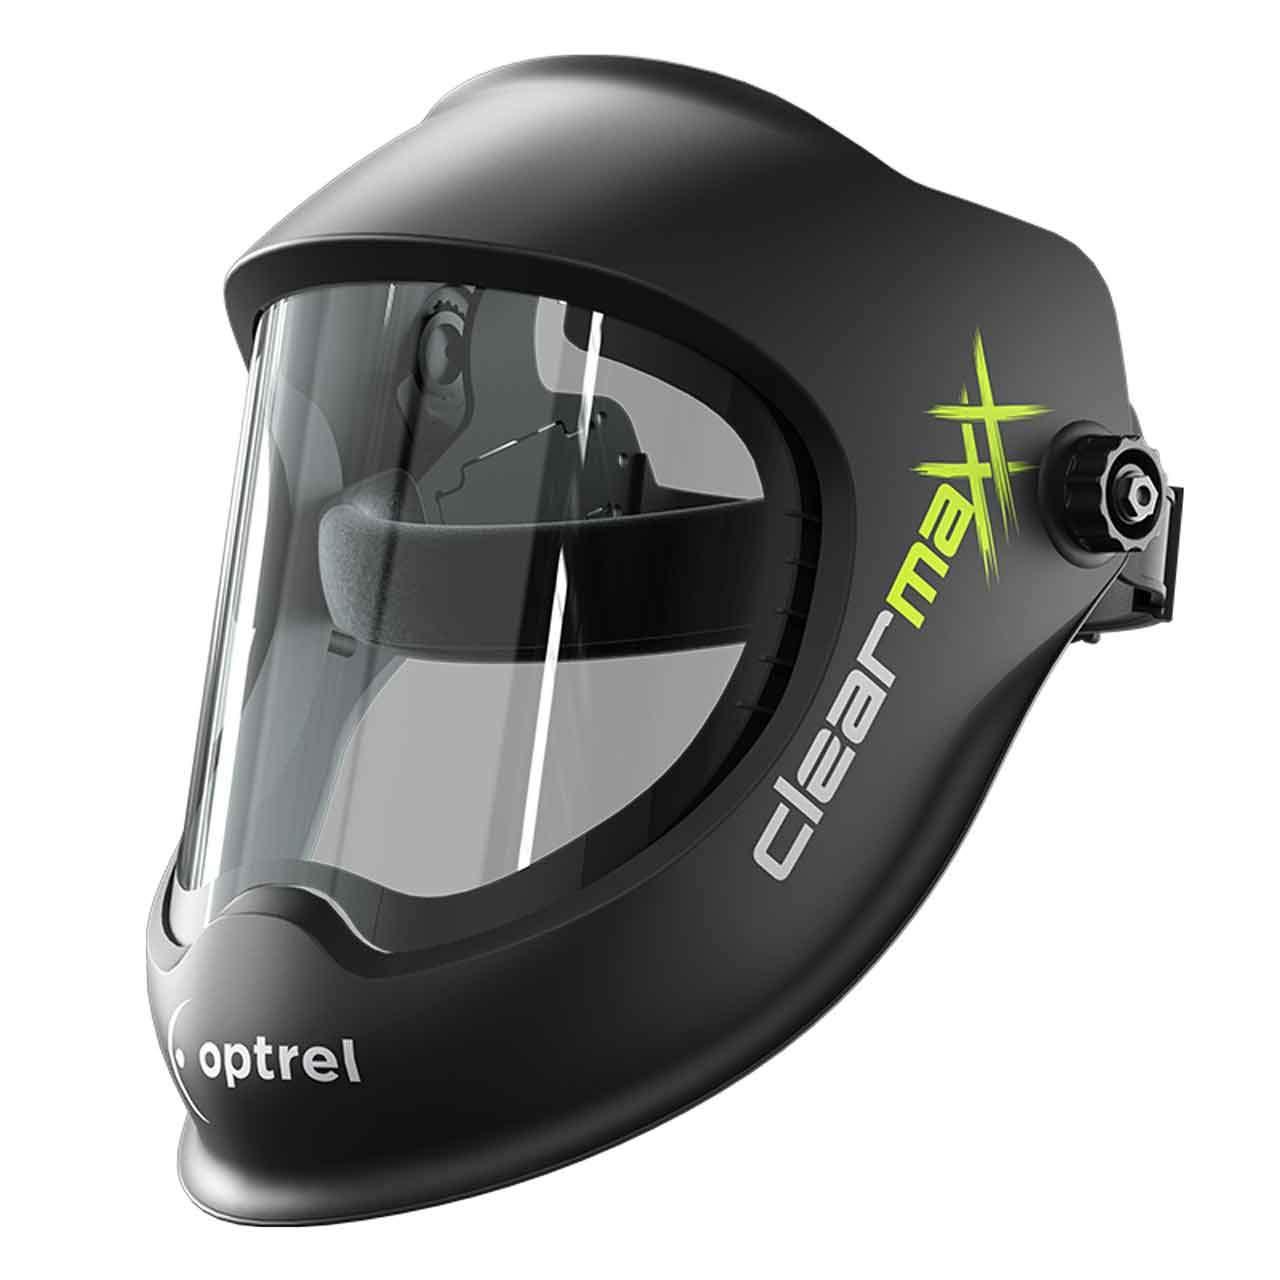 Optrel Clearmaxx Grinding Helmet, 1100.000 by Optrel